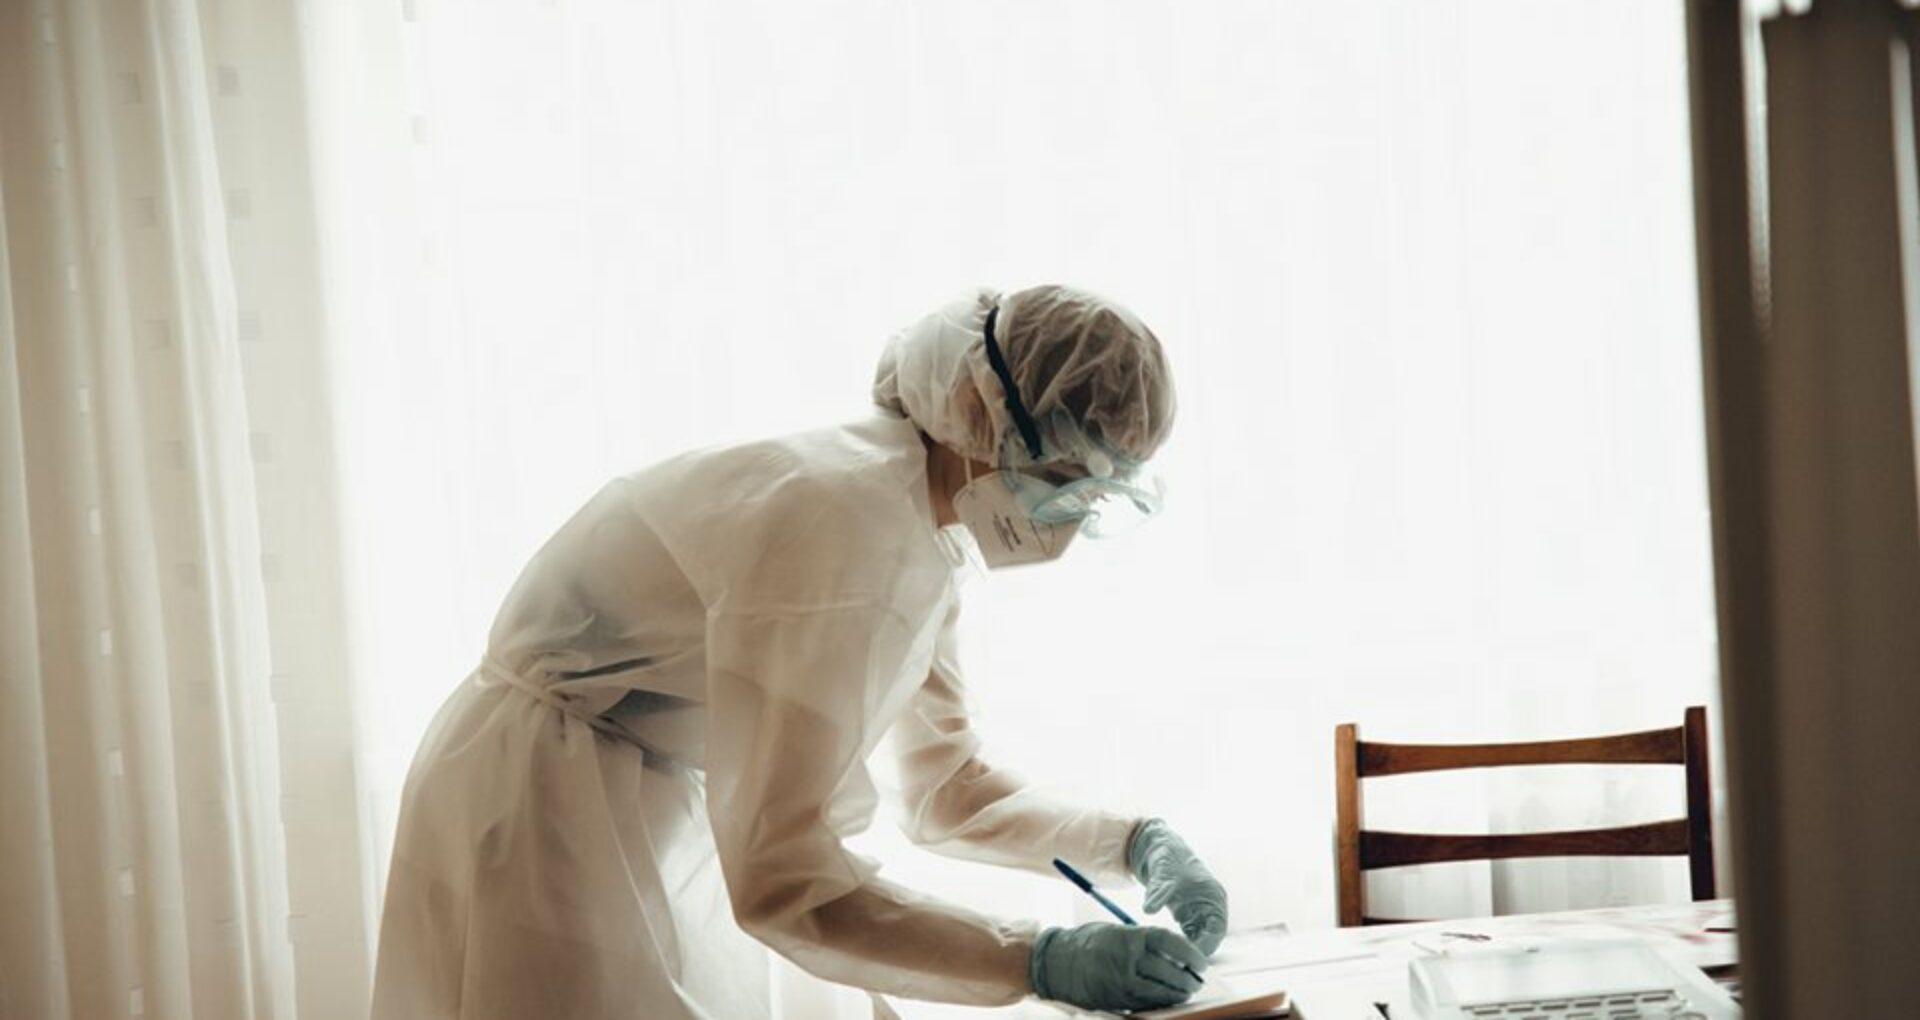 97 cazuri noi de îmbolnăvire și două decese provocate de COVID-19, înregistrate în ultimele 24 de ore